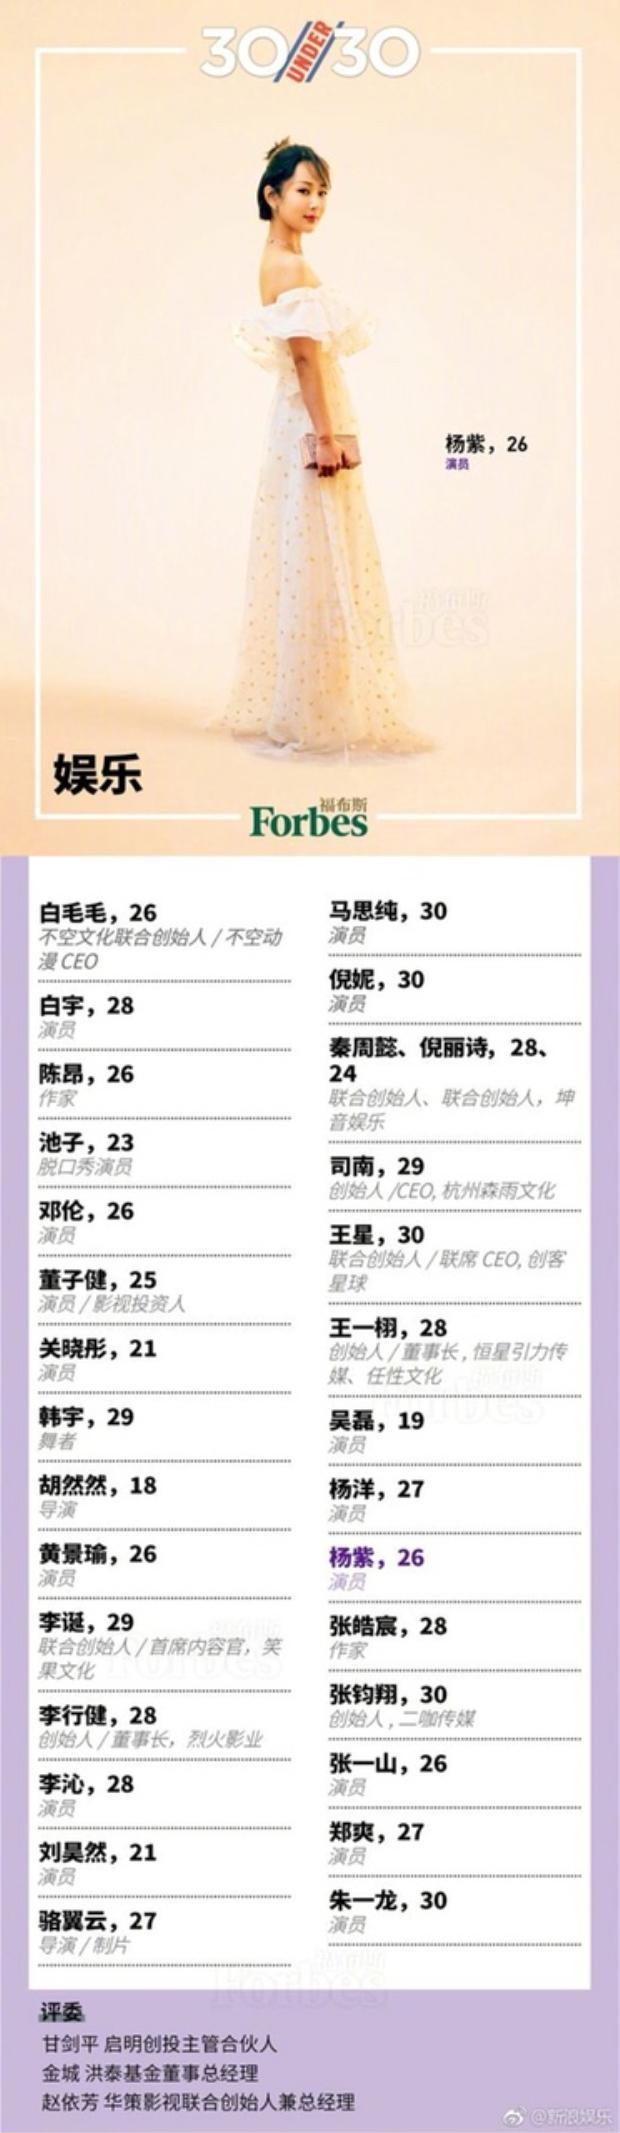 Vừa qua, Dương Tử đã vinh dự trở thành một trong 30 thanh niên ưu tú dưới 30 tuổi do tạp chí Forbes bình chọn.